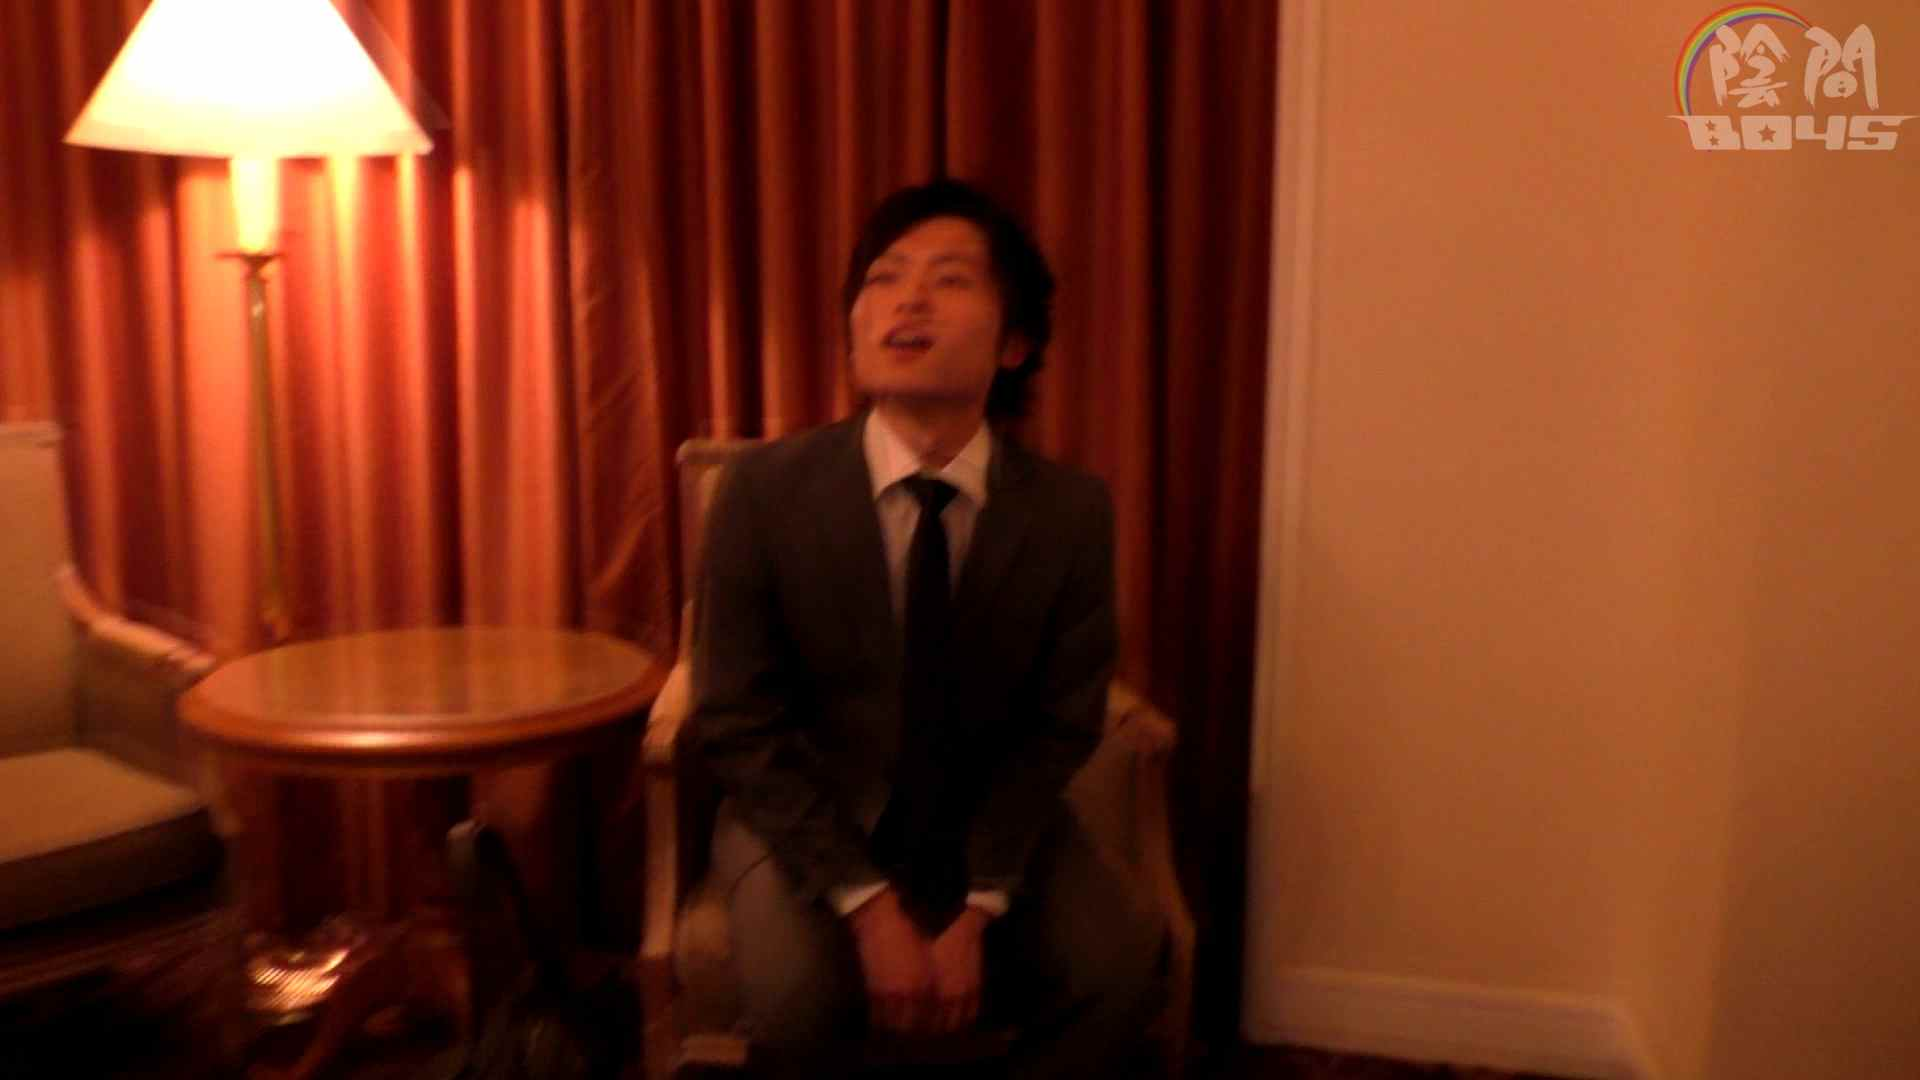 陰間BOYS~AV男優面接2、俺のアナルが…~01 AV 男同士動画 86枚 1